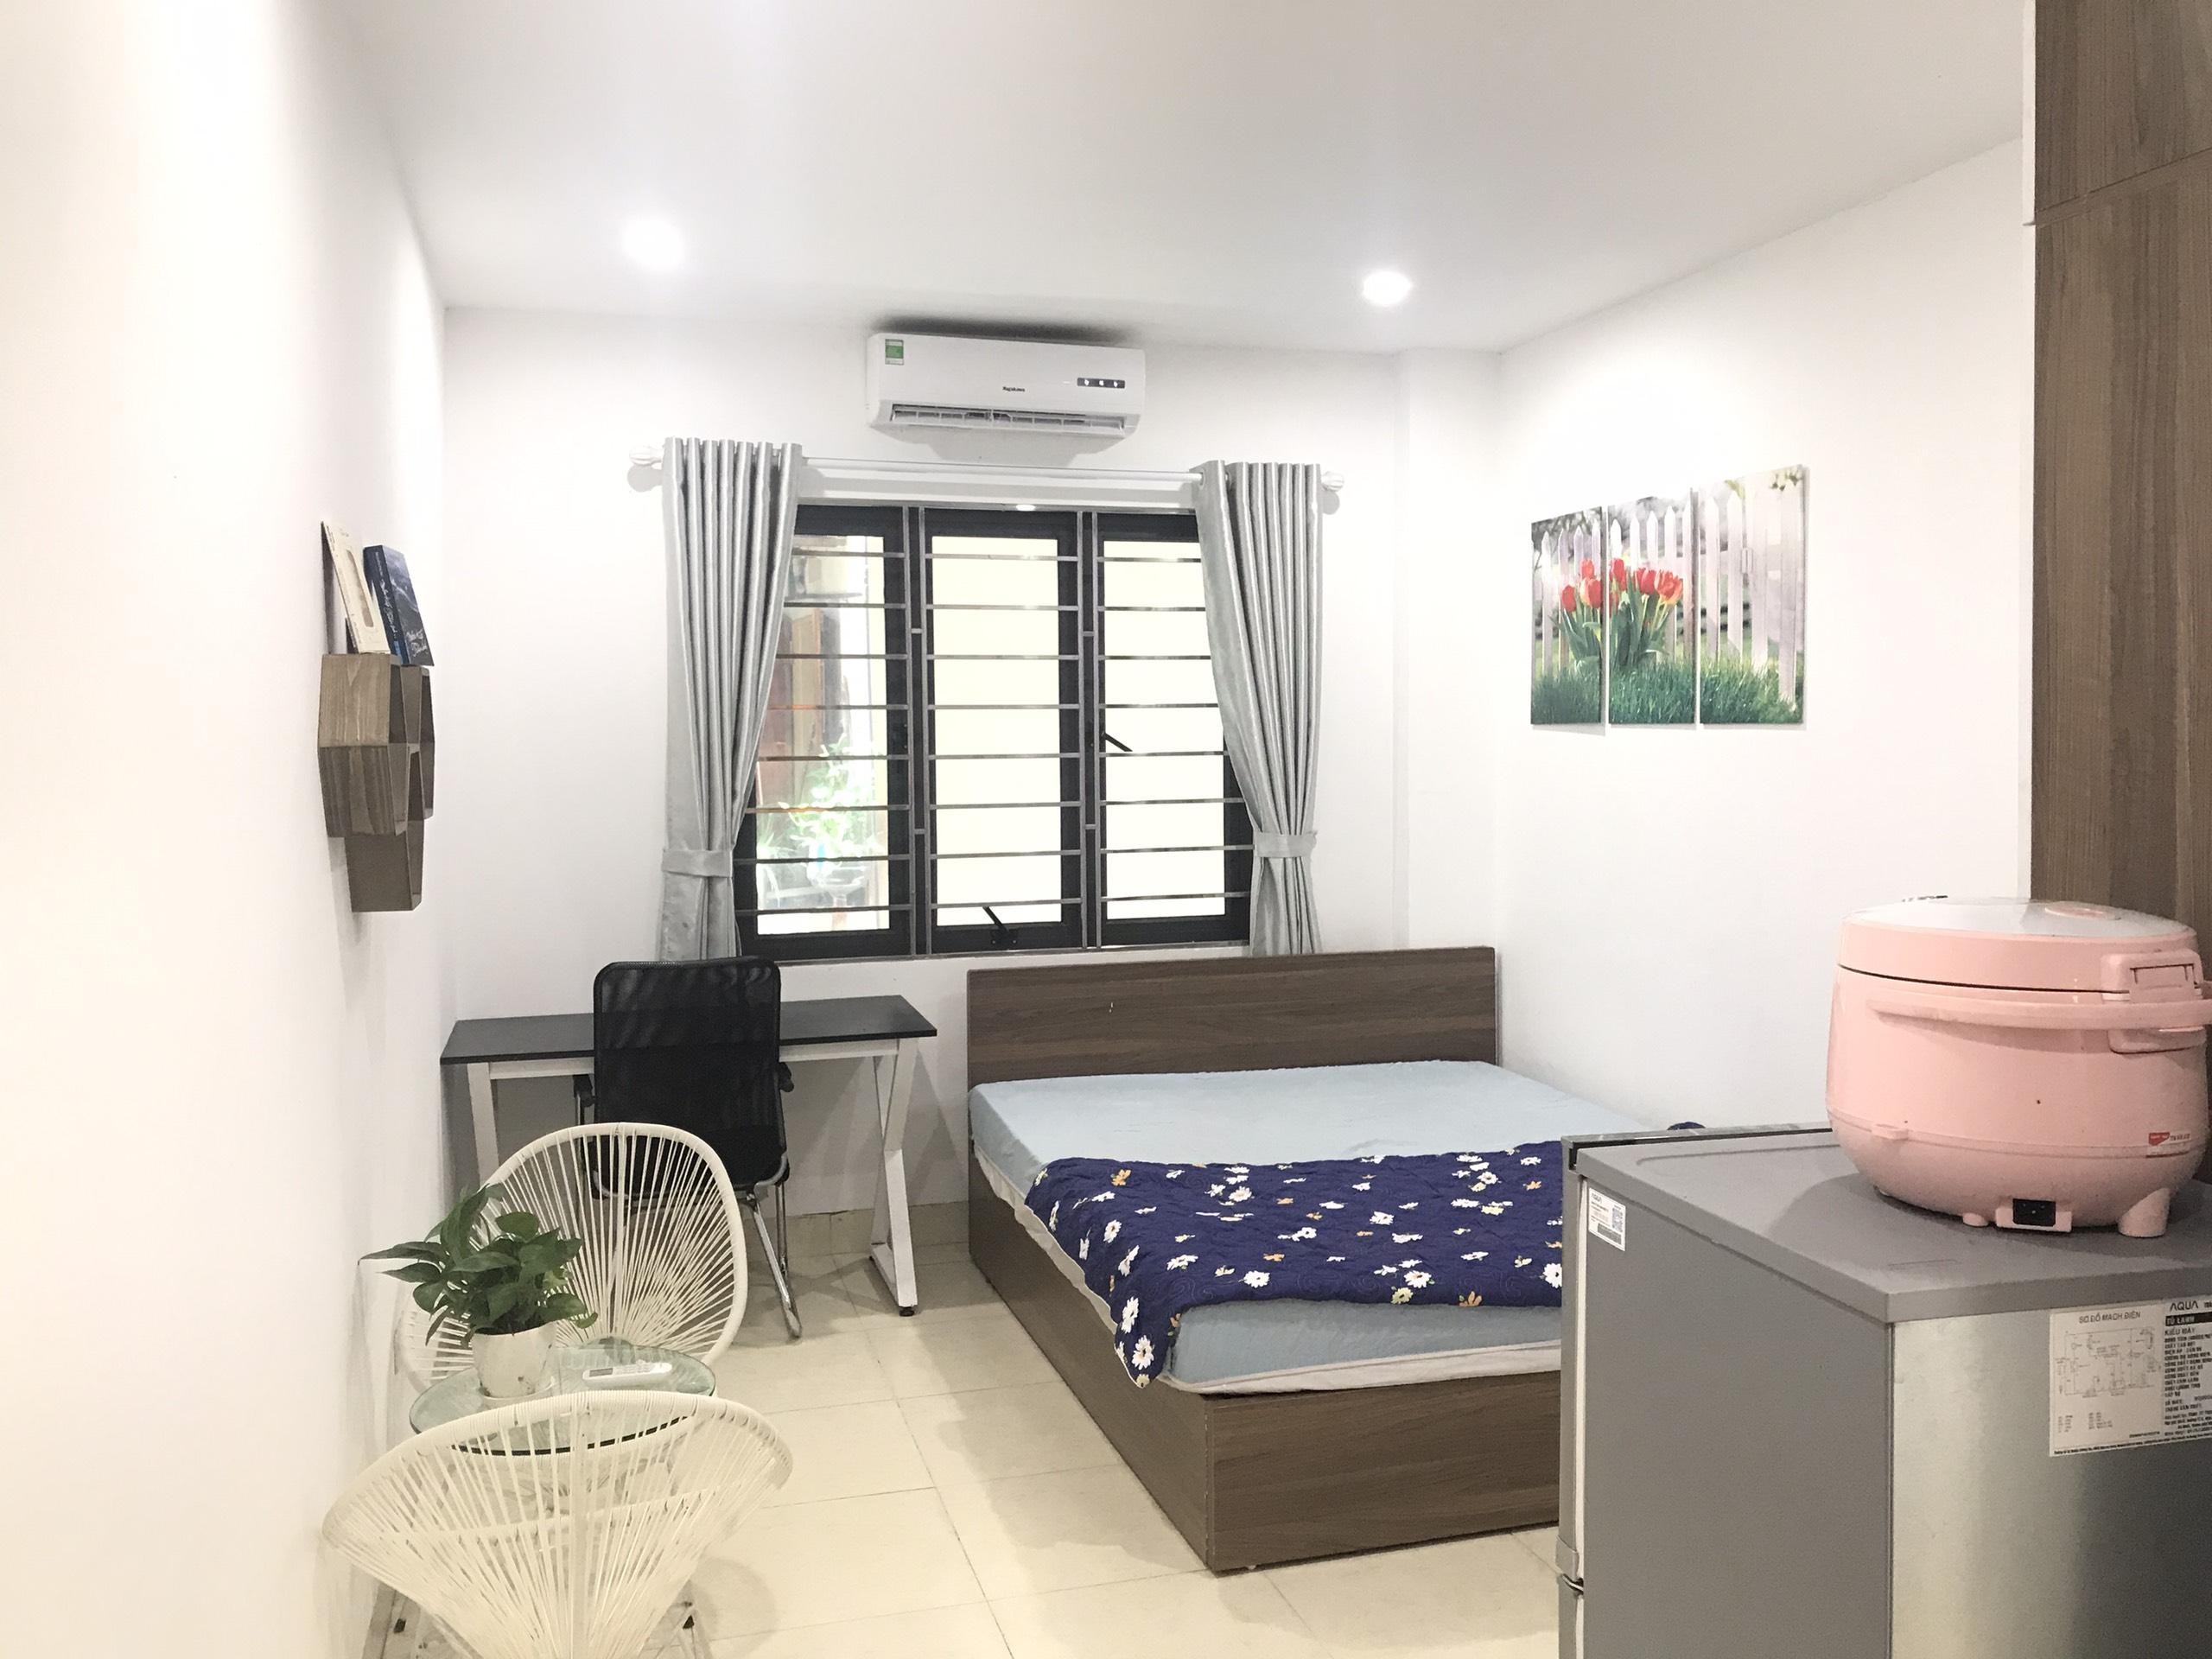 Gia đình cần cho thuê phòng trọ gần Nguyễn Thị Định